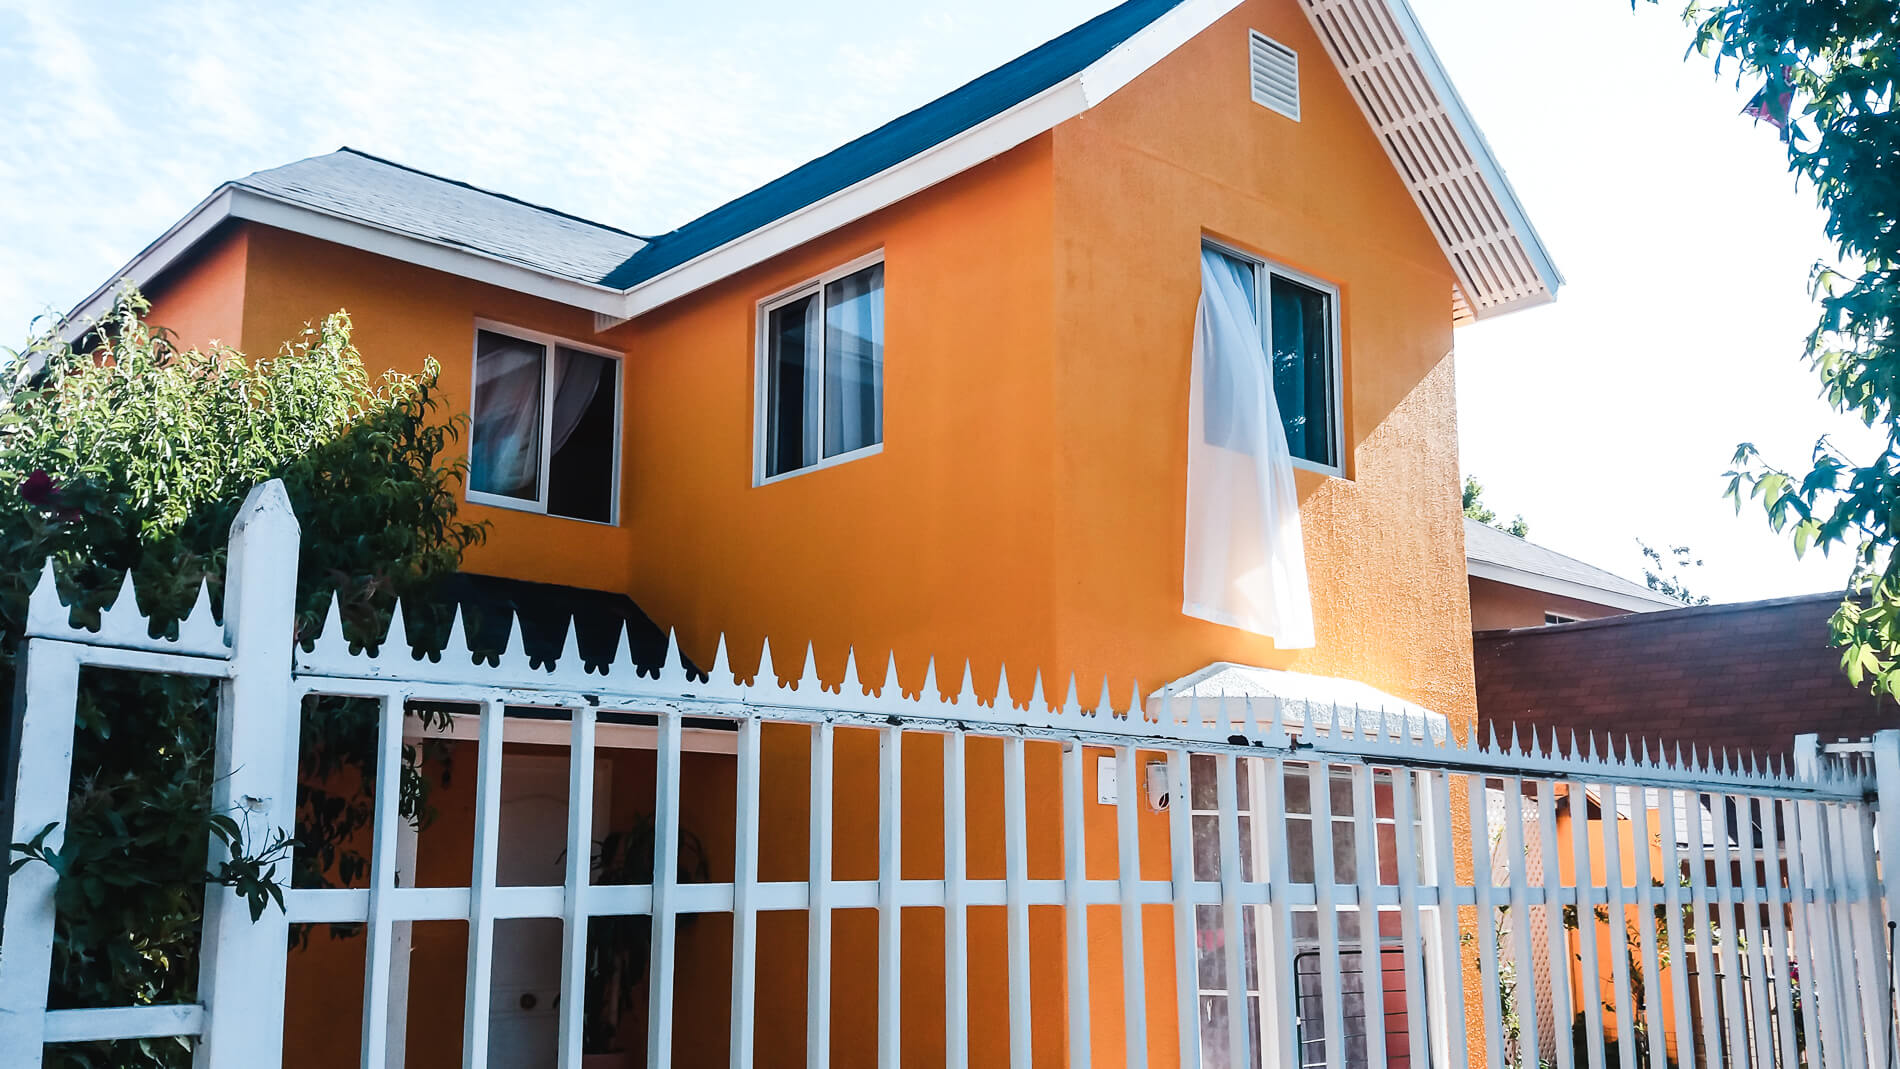 Porqué Nosotros - D'Comza - Construcción y Fabricación de Muebles - Chile